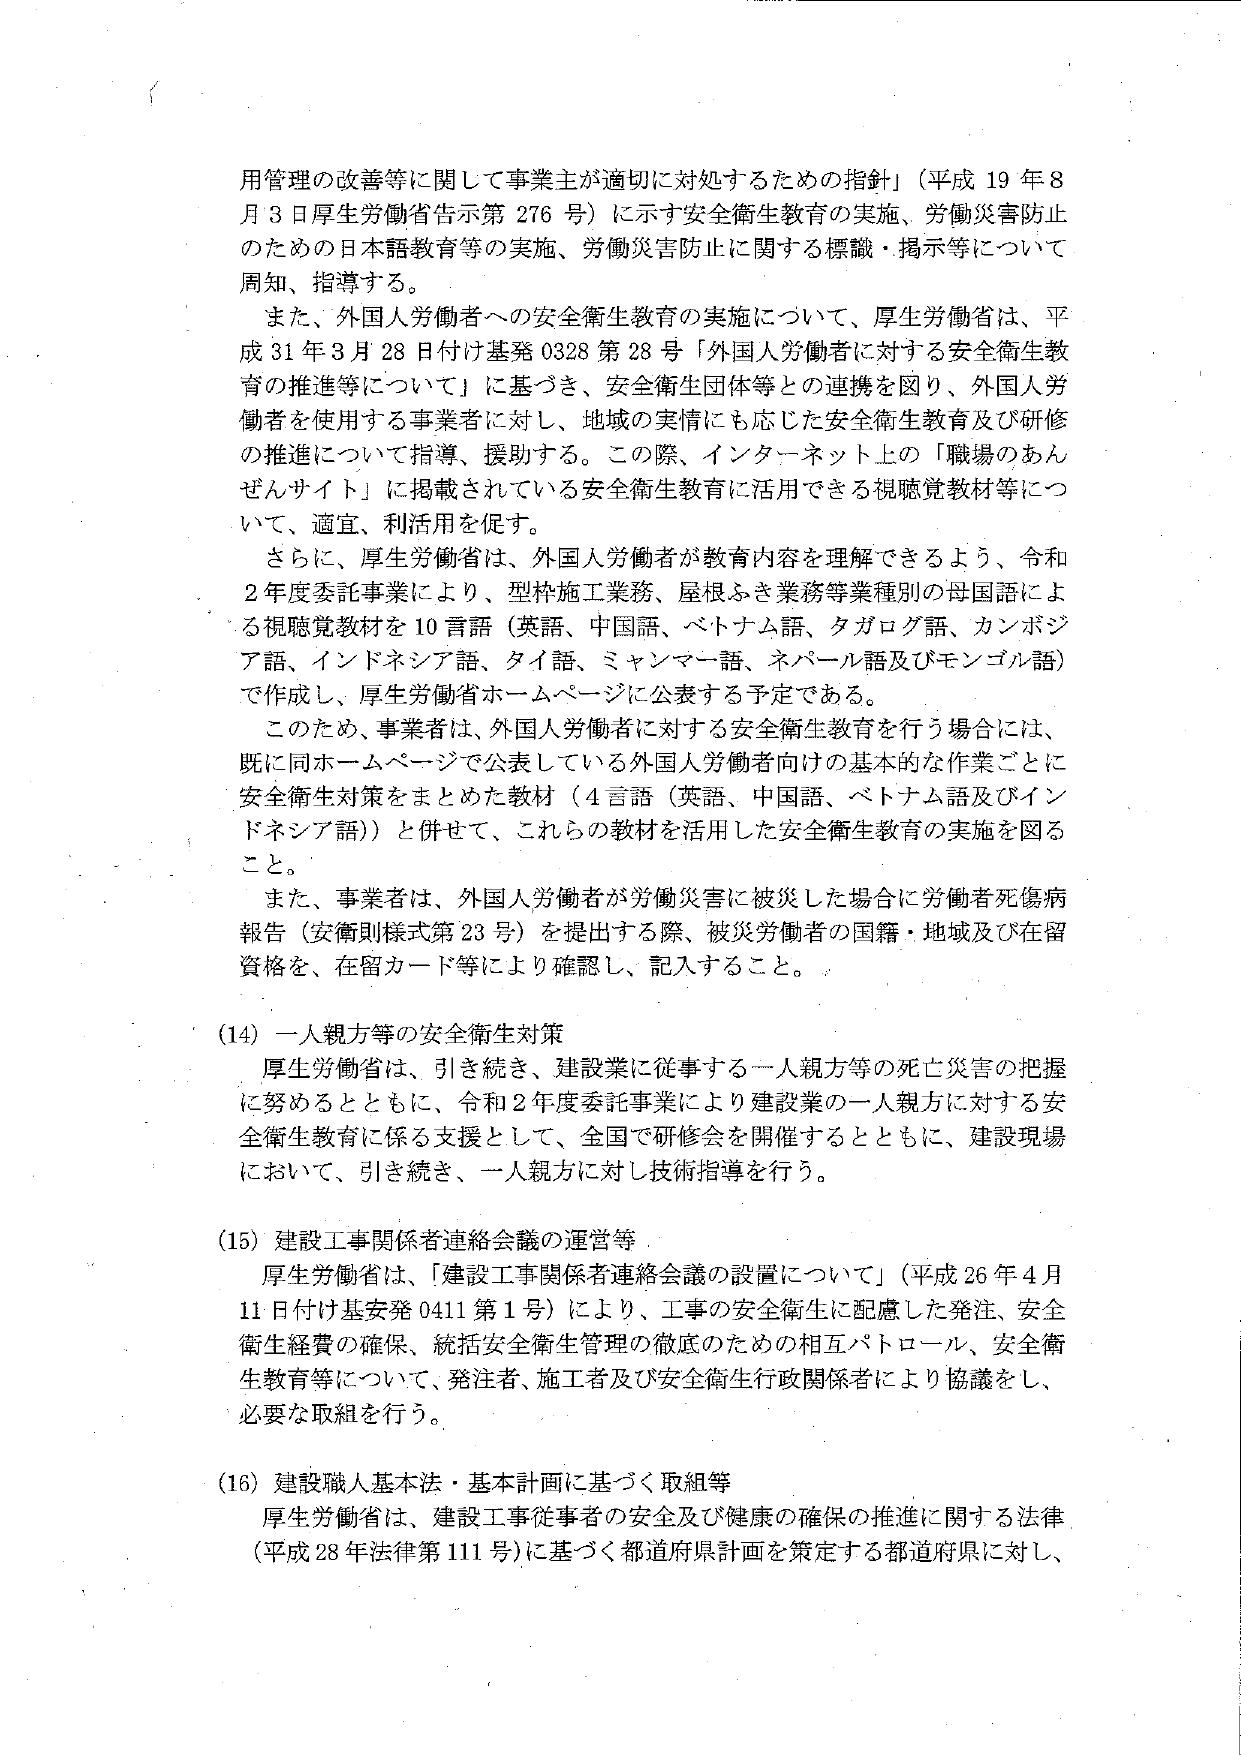 令和2年度における建設業の安全衛生対策の推進について(要請)_page-0005